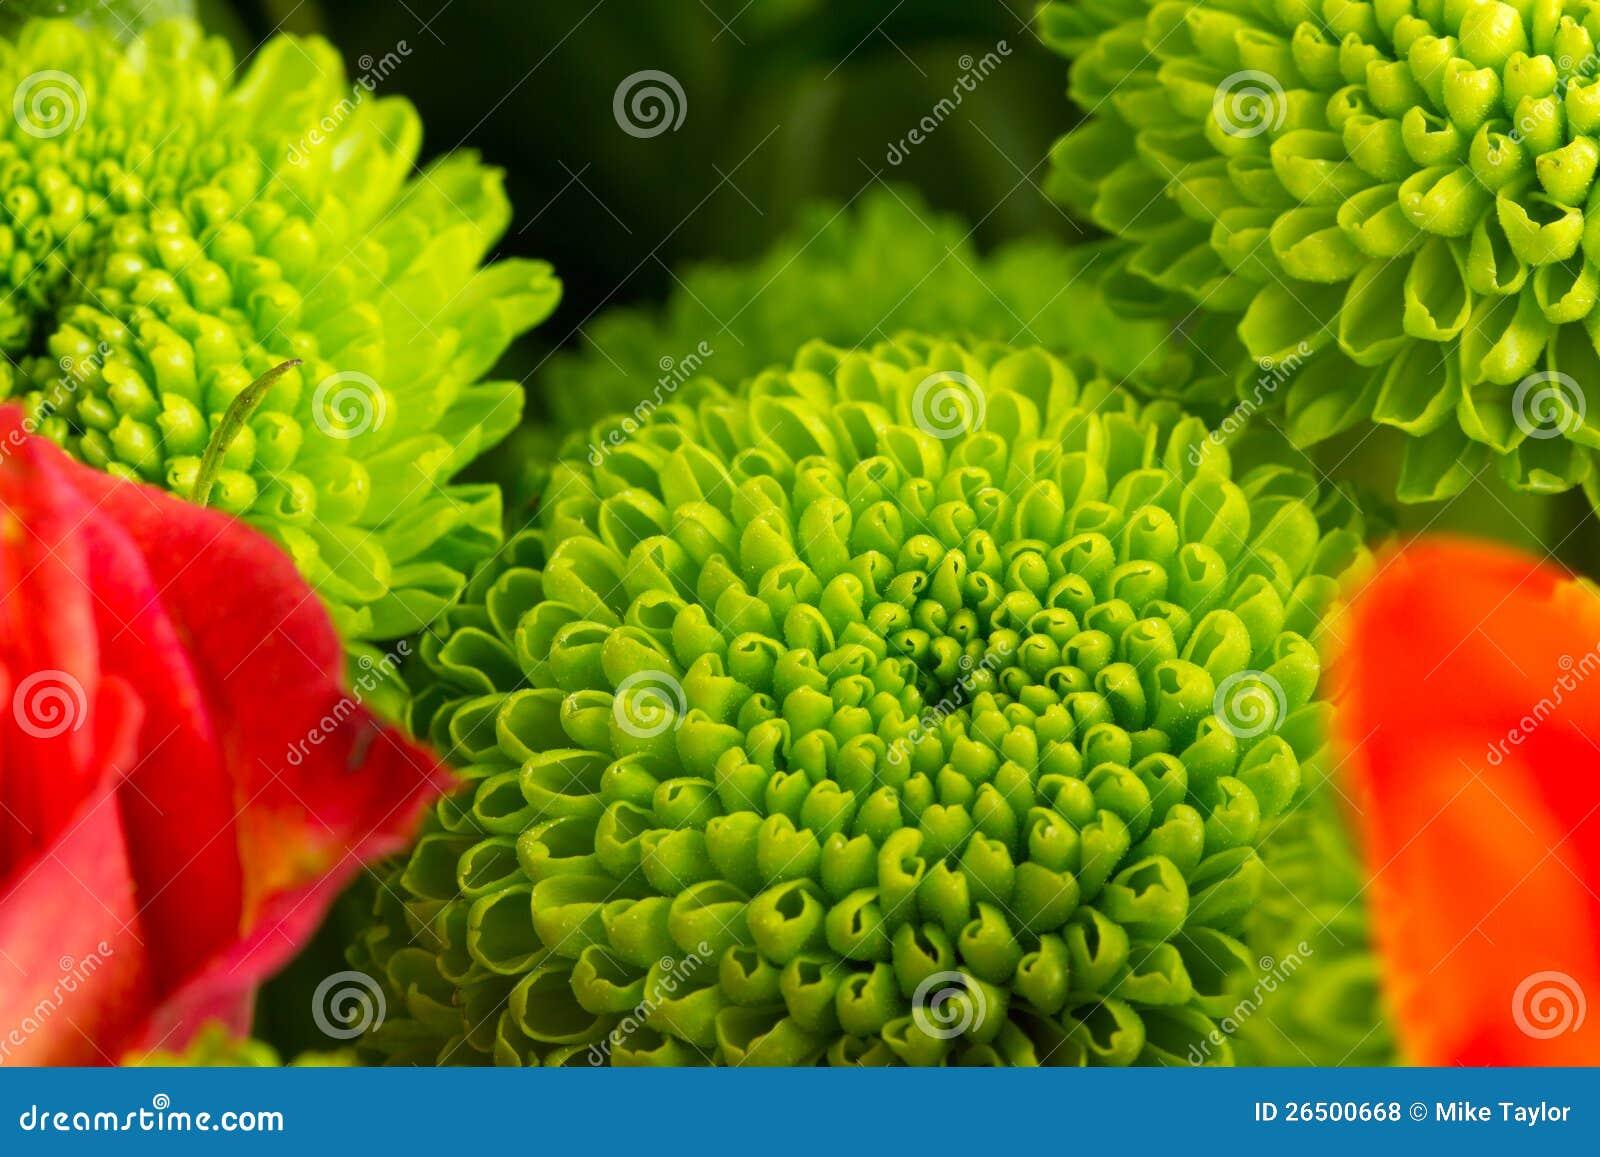 Flor em botão verde